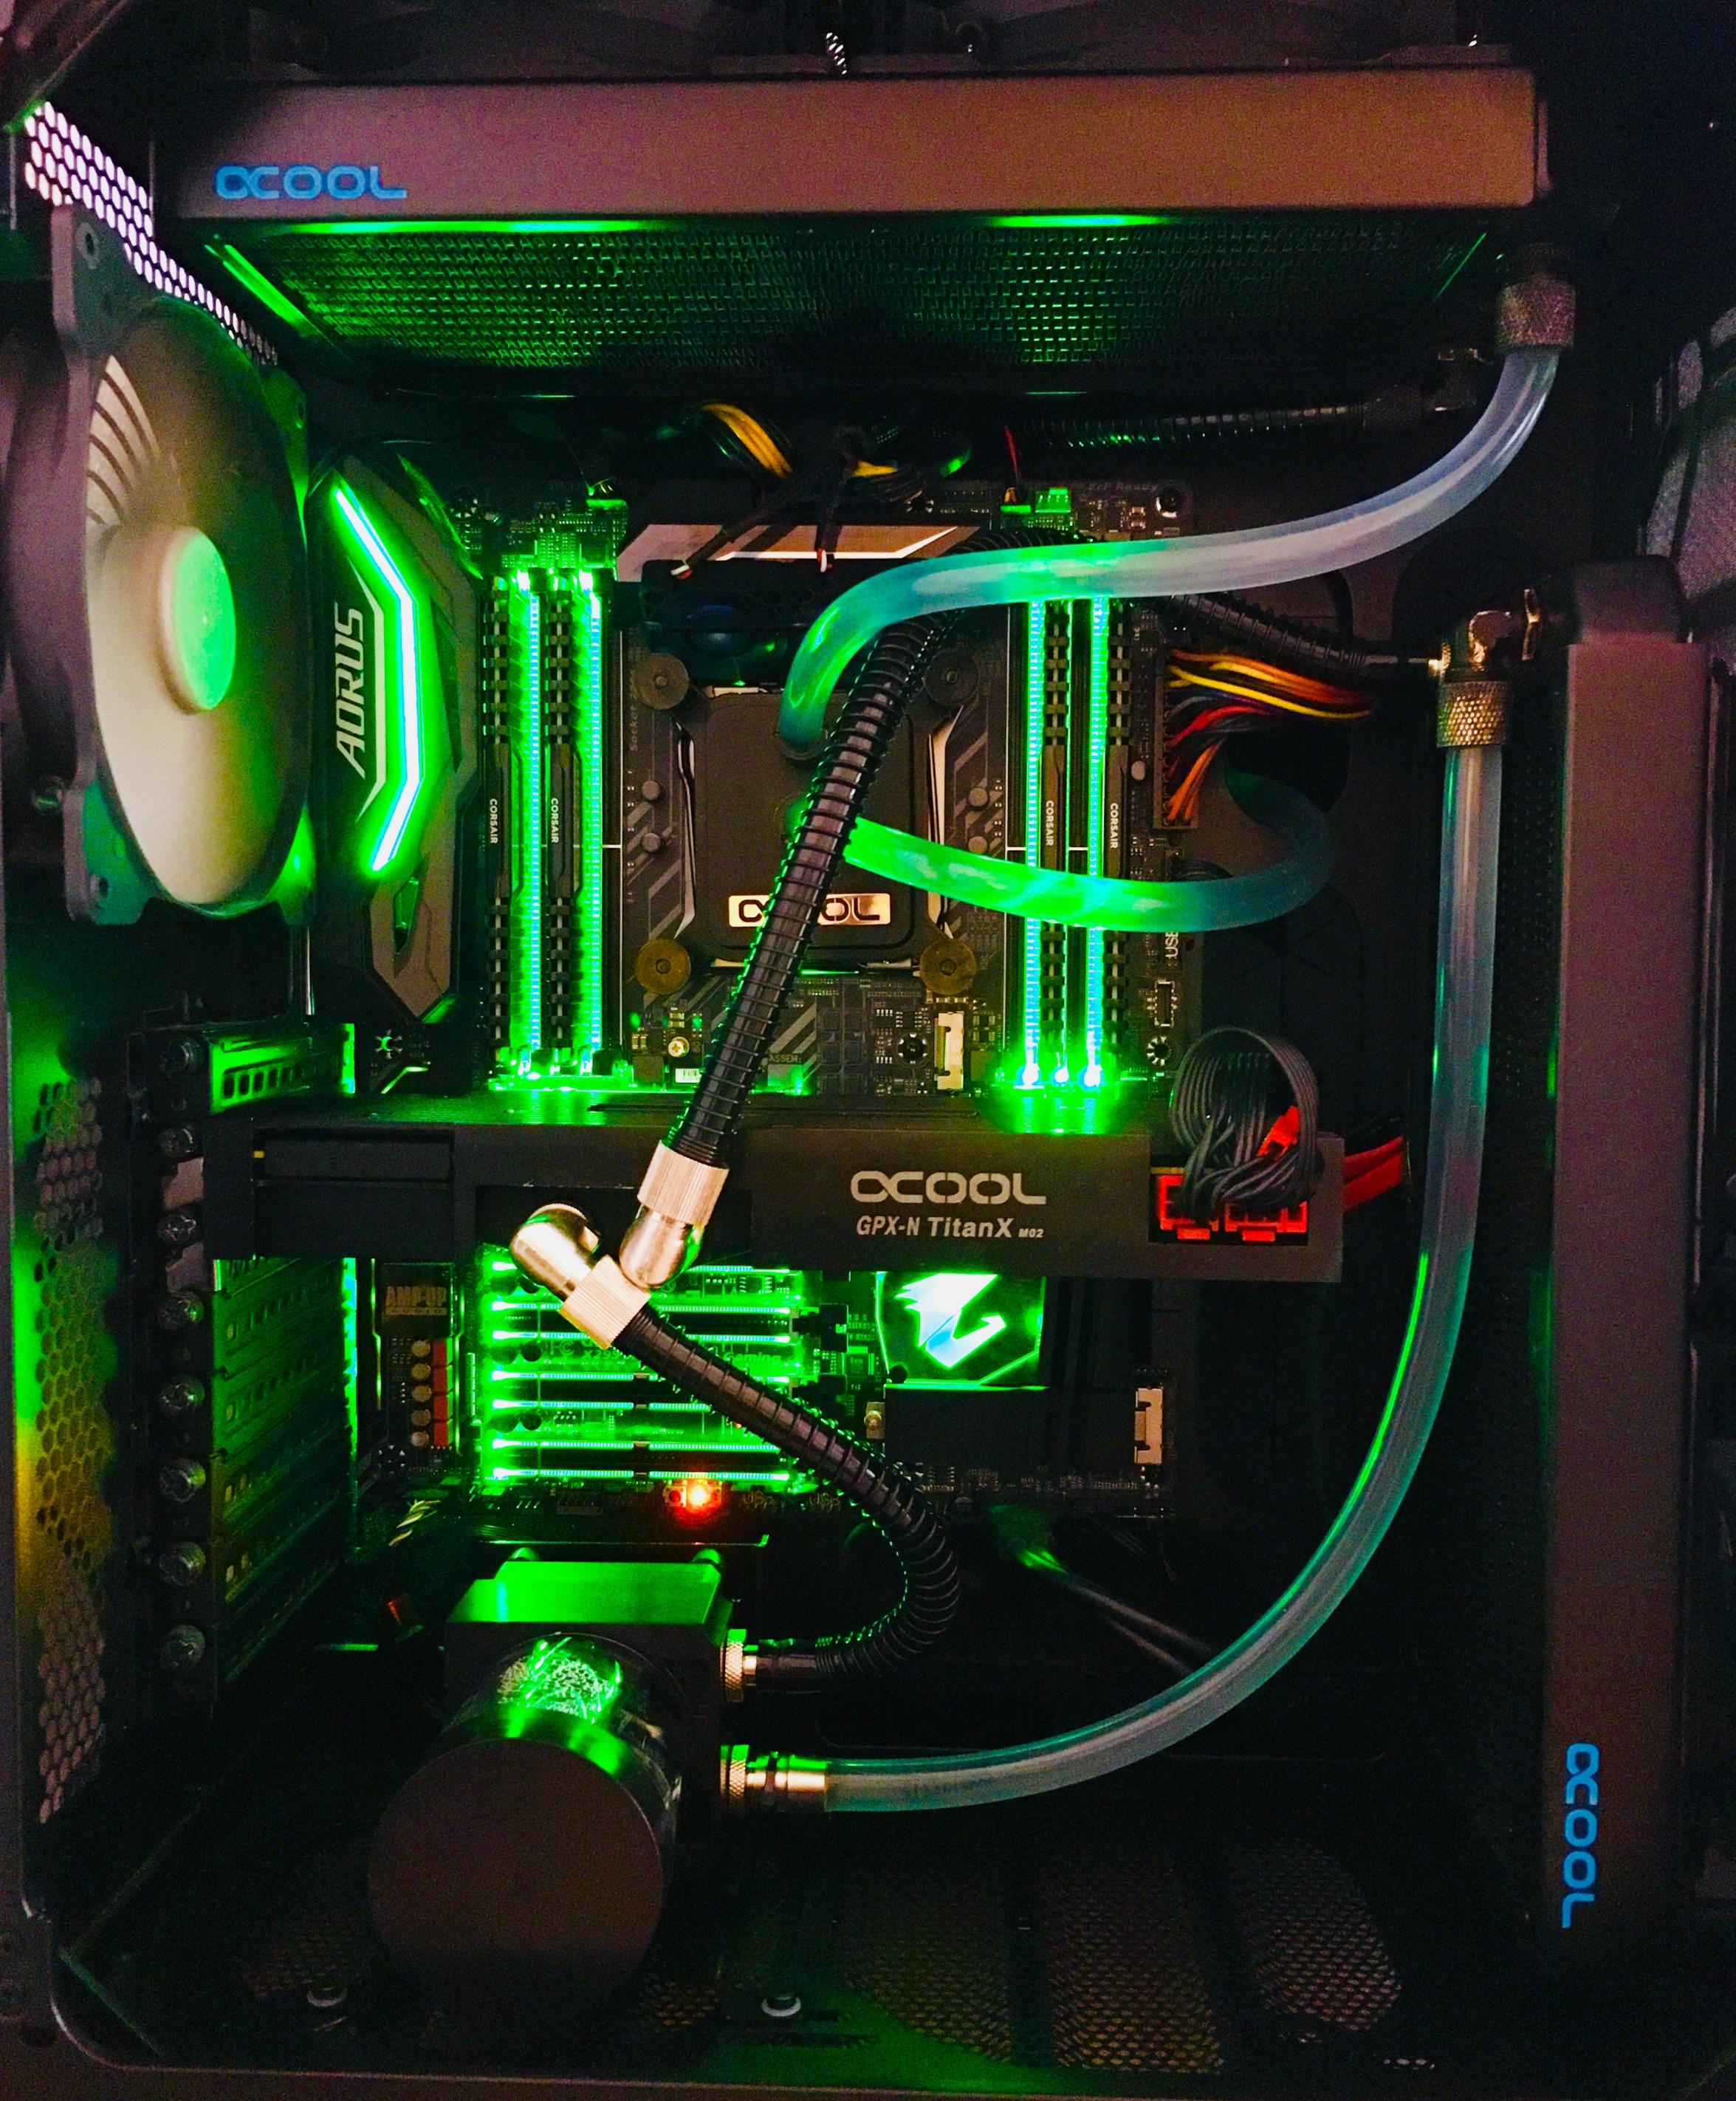 PC Umbau auf Wasserkühlung     Schlauch 8mm Innendruchmesser      2x EK Pumpe 450 L / H     2 Kreisläufe     Eine für CPU und GPU.